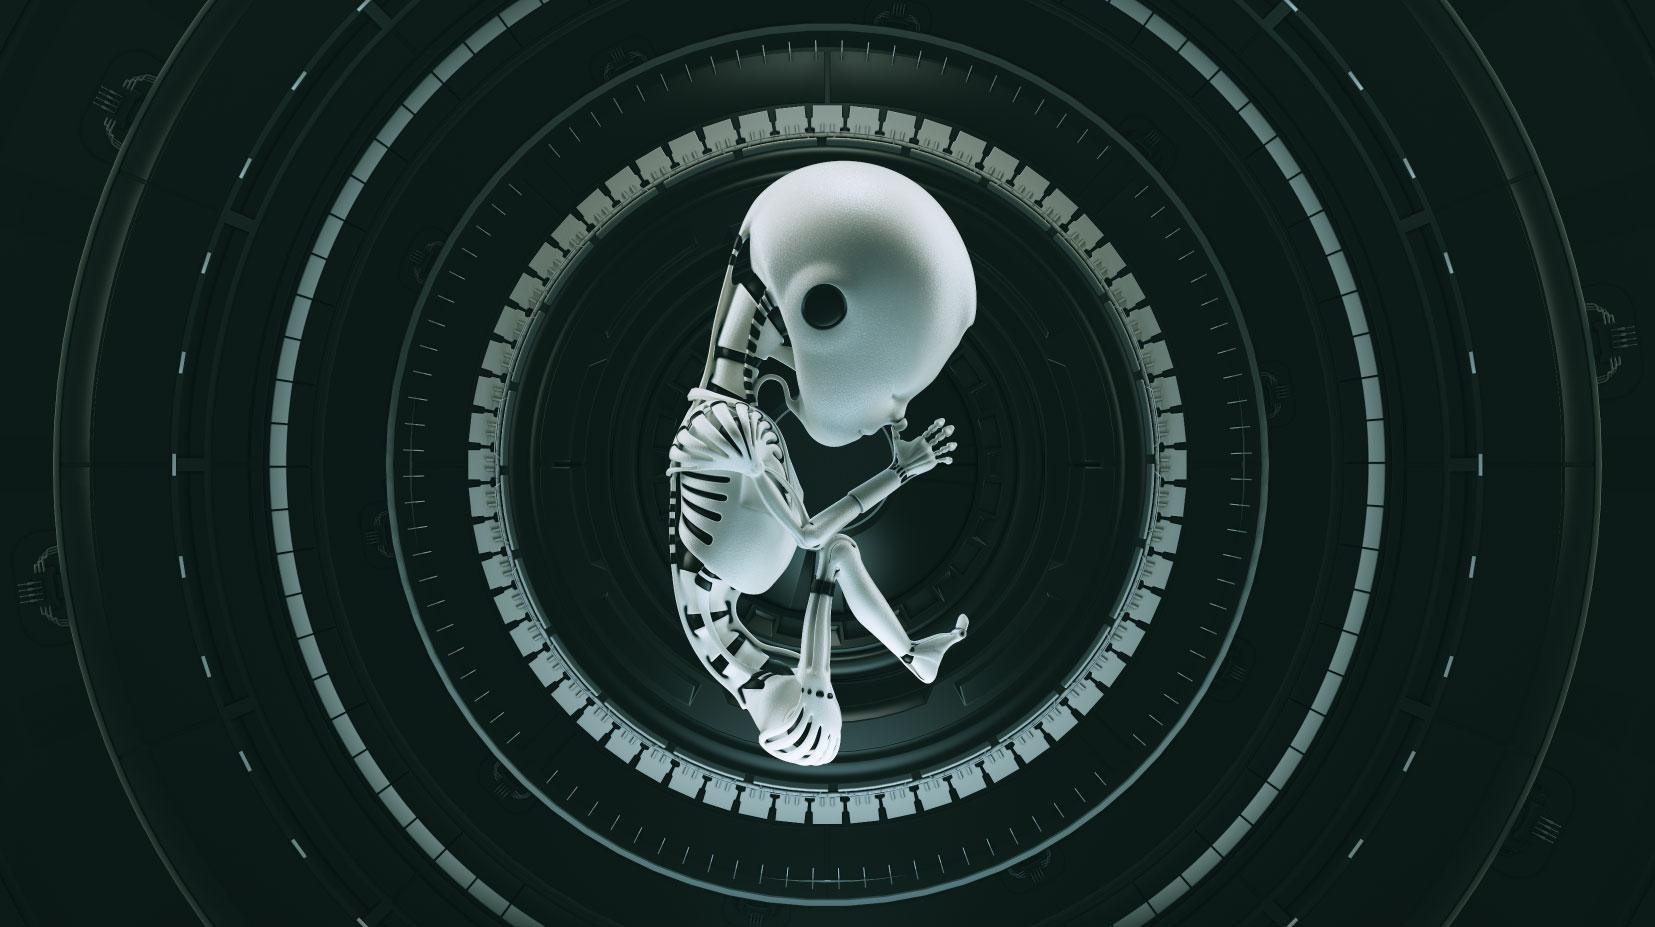 illustrazione rappresentante un androide dalle sembianze di un feto